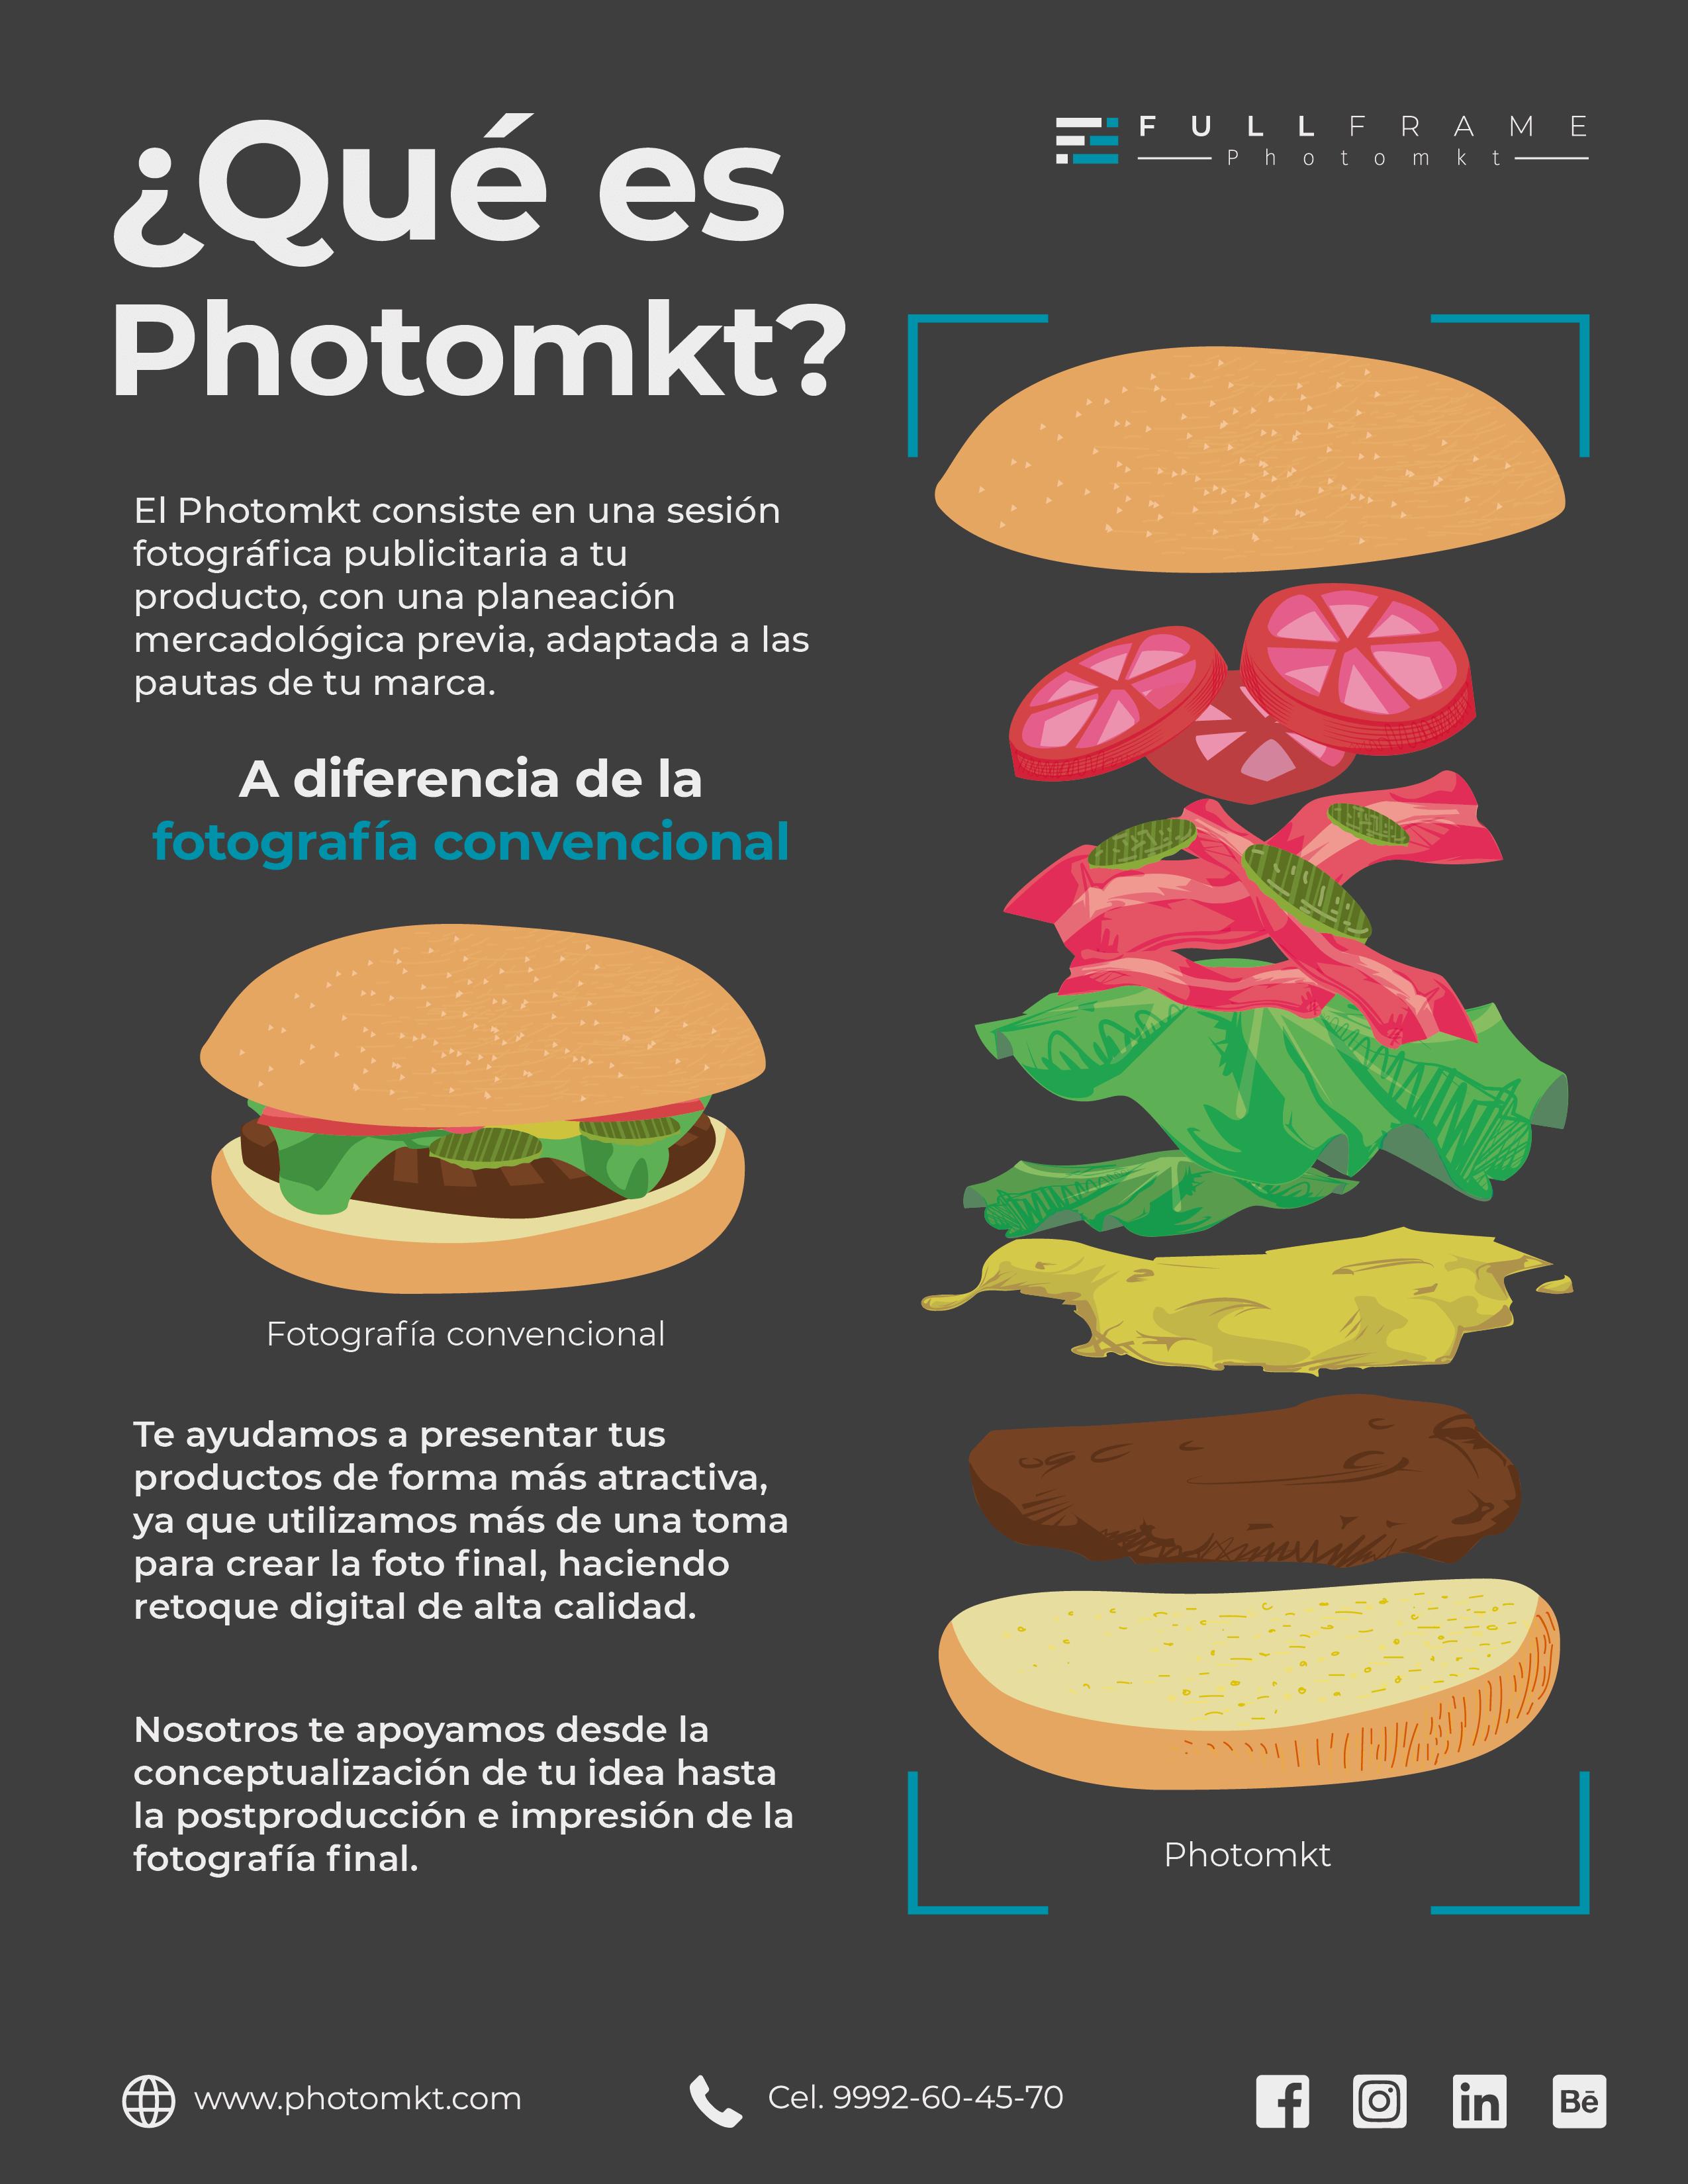 FullFrame Photomkt Servicios